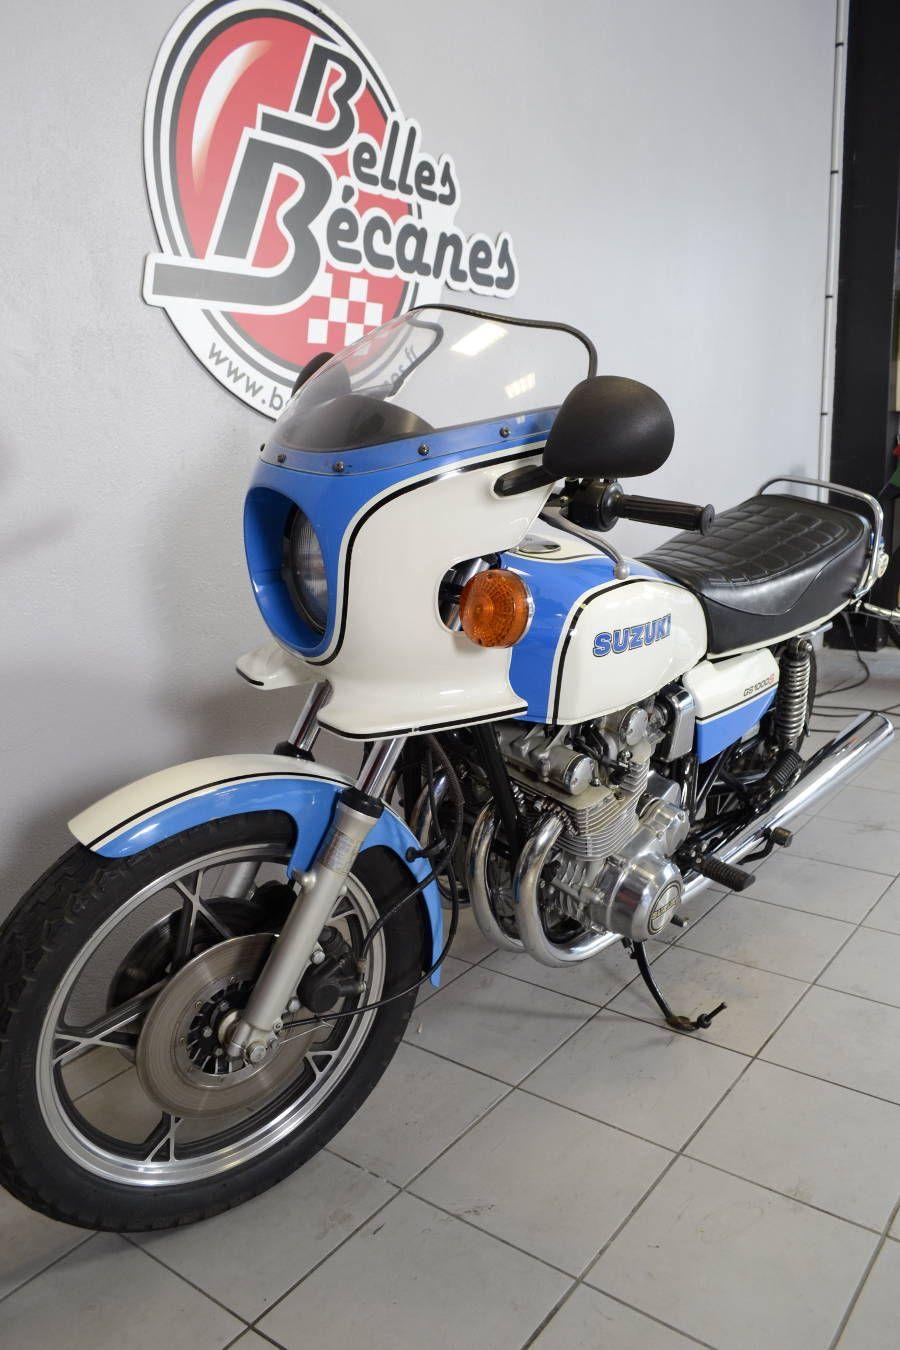 SUZUKI GS1000S Wes Cooley de 1979 d'occasion - Motos anciennes de collection japonaise Motos disponibles